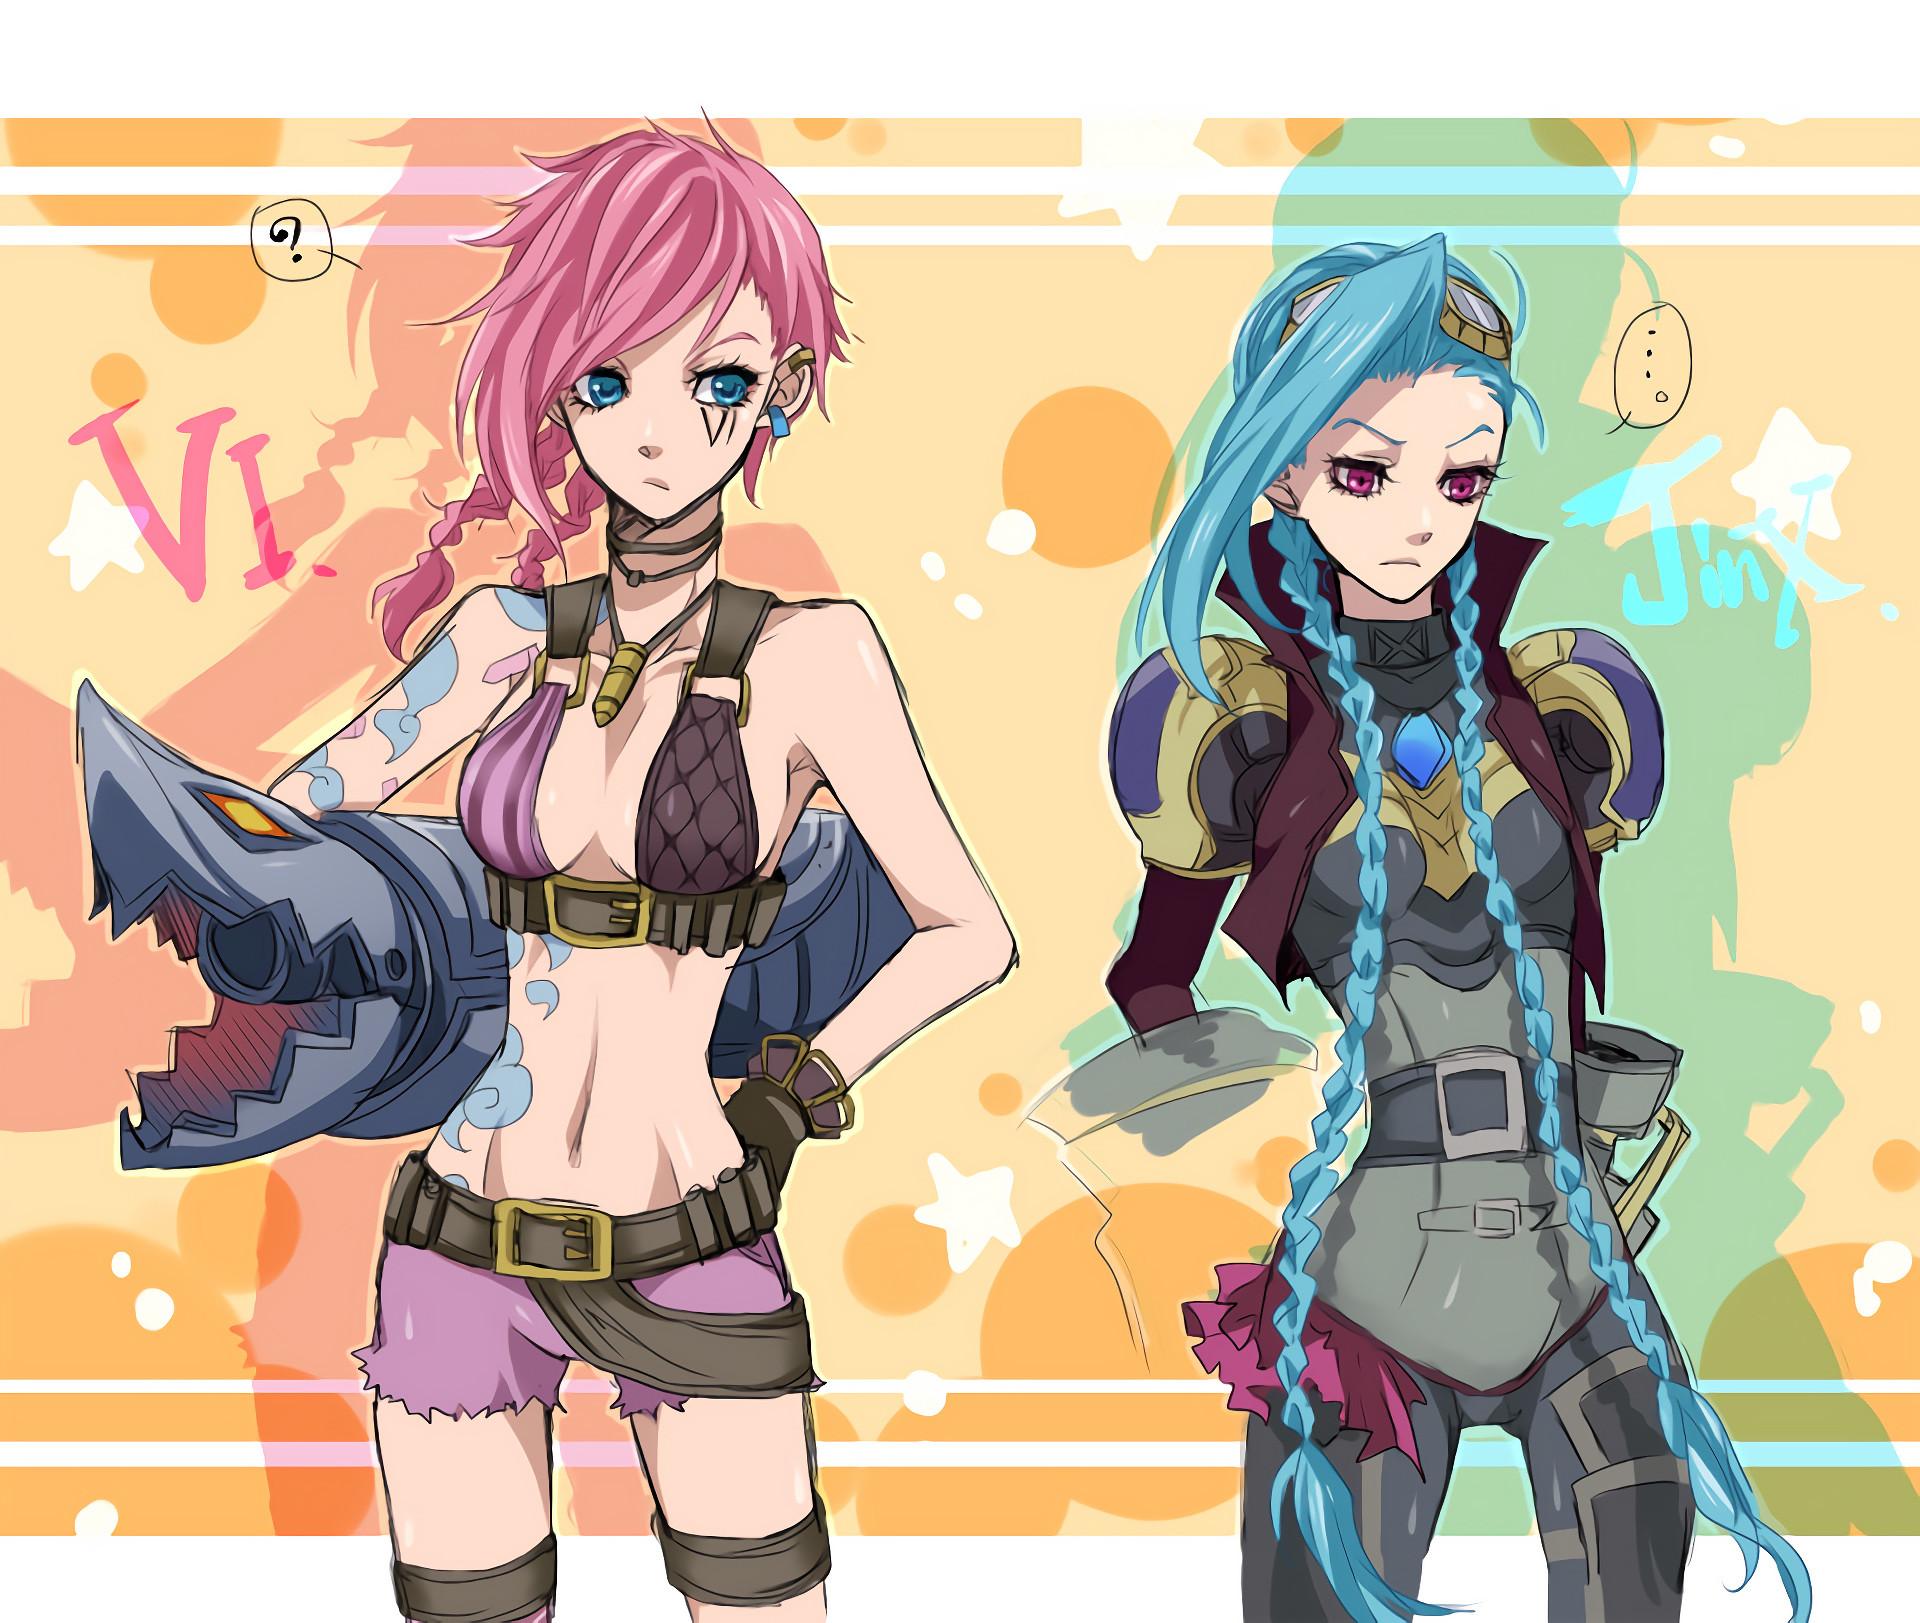 Vi & Jinx by 柿P HD Wallpaper Fan Art Artwork League of Legends lol HD